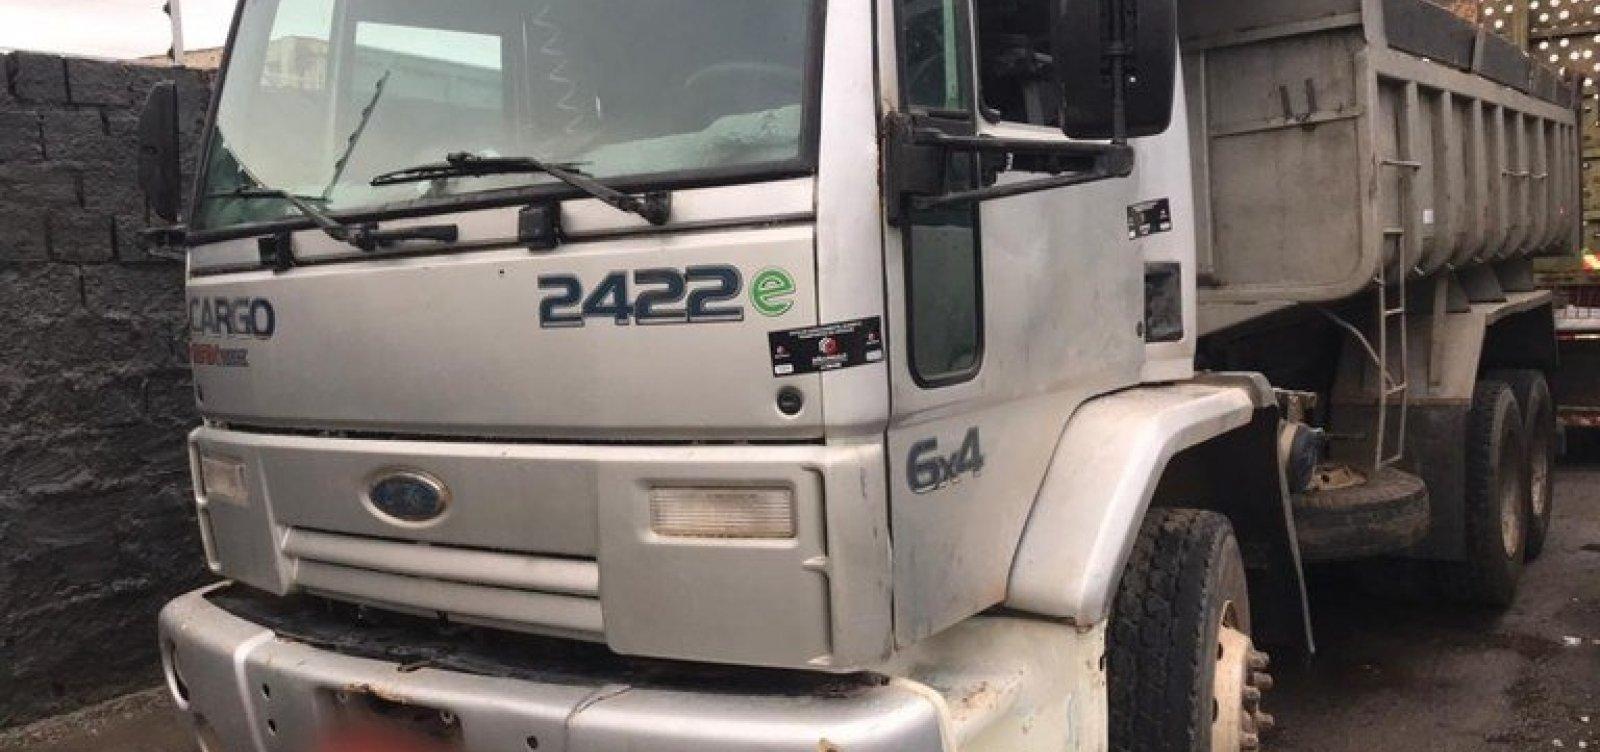 Menor de idade é flagrado dirigindo caminhão e fazendo manobras arriscadas na BR-324